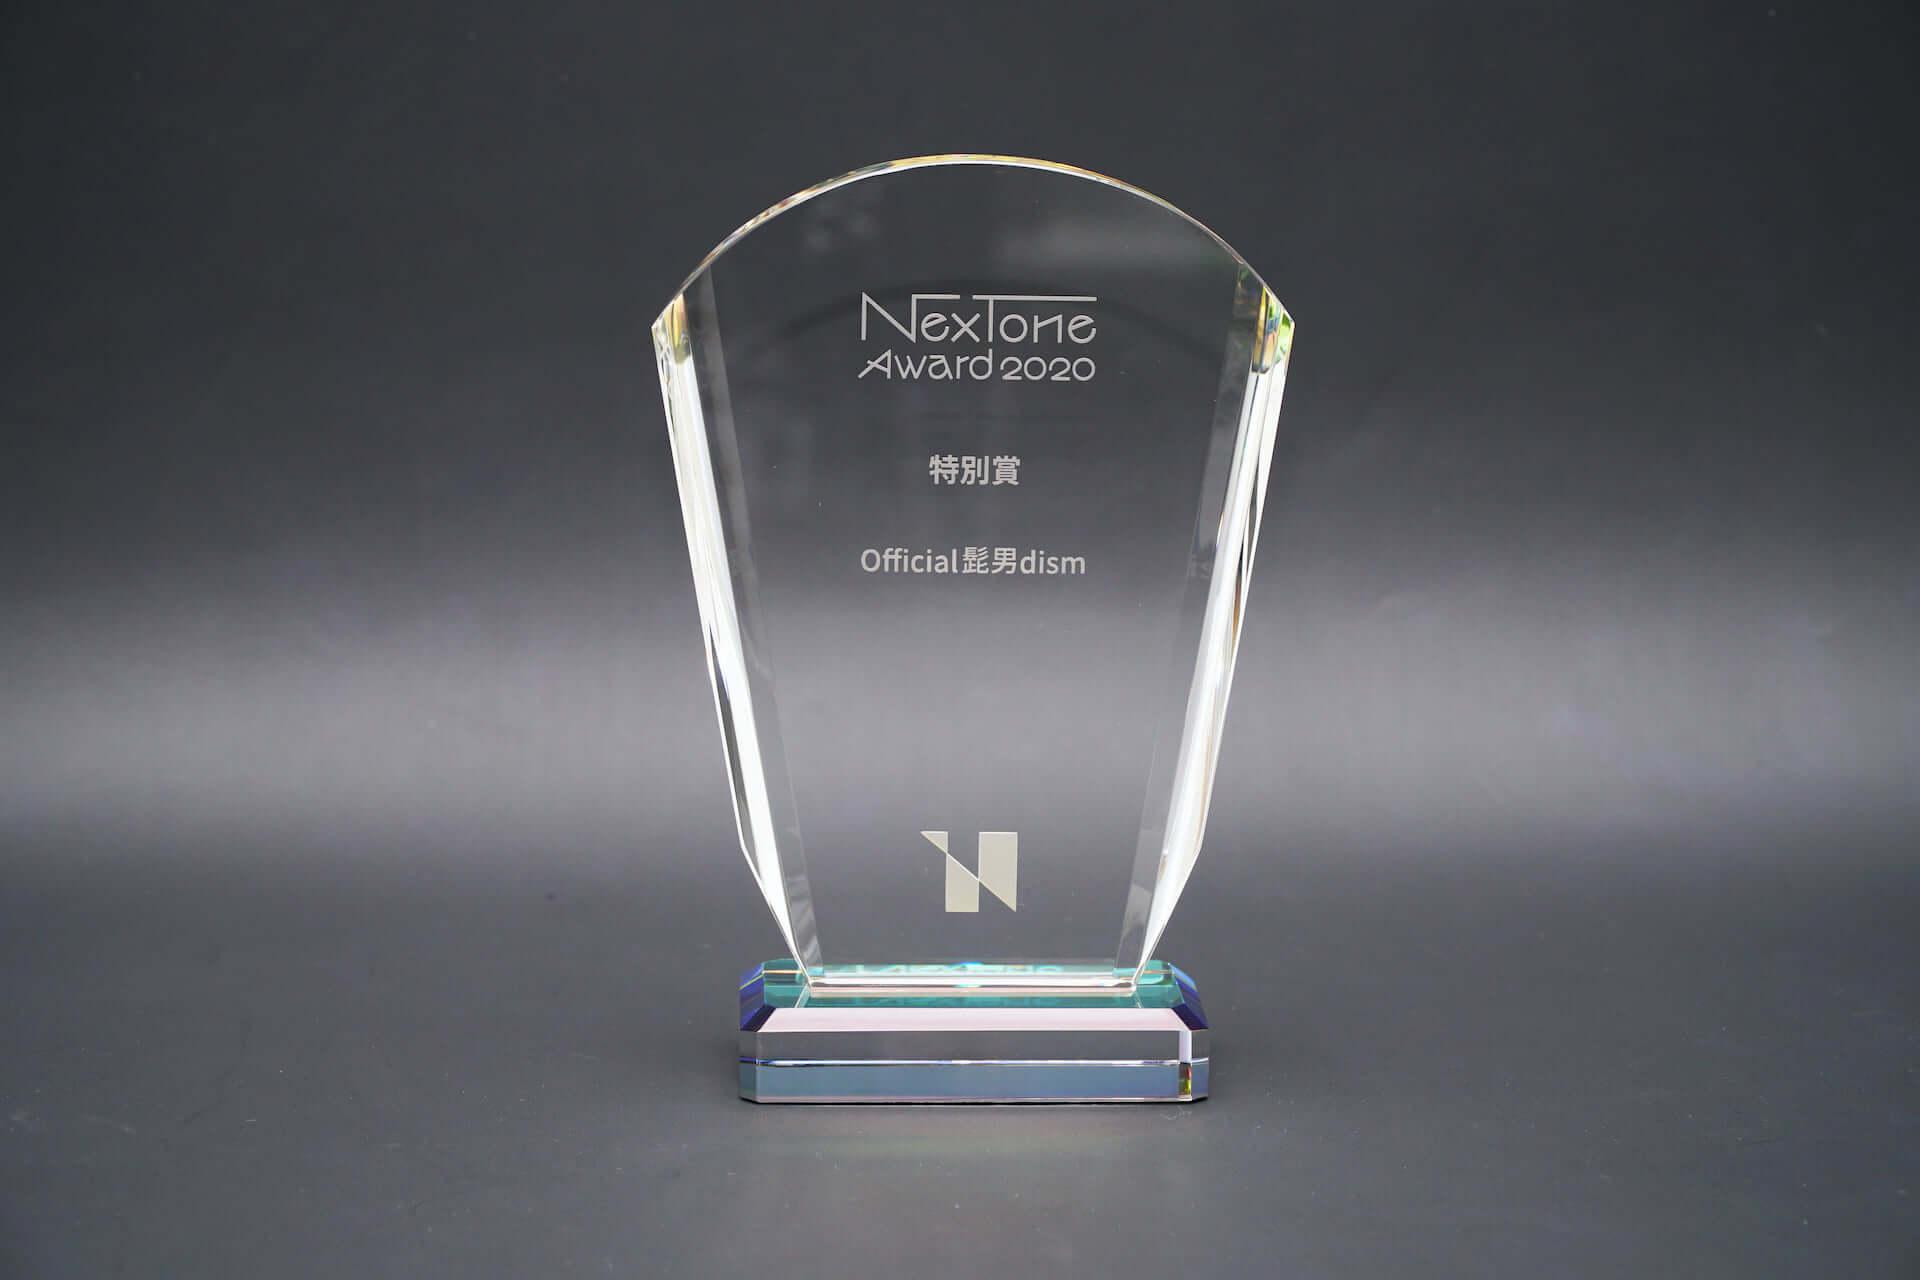 スキマスイッチ「奏(かなで)」が「NexTone Award 2020」Gold Medalを受賞!RADWIMPSとMONGOL800の作品も選出 music200410_nextone_award_4-1920x1280